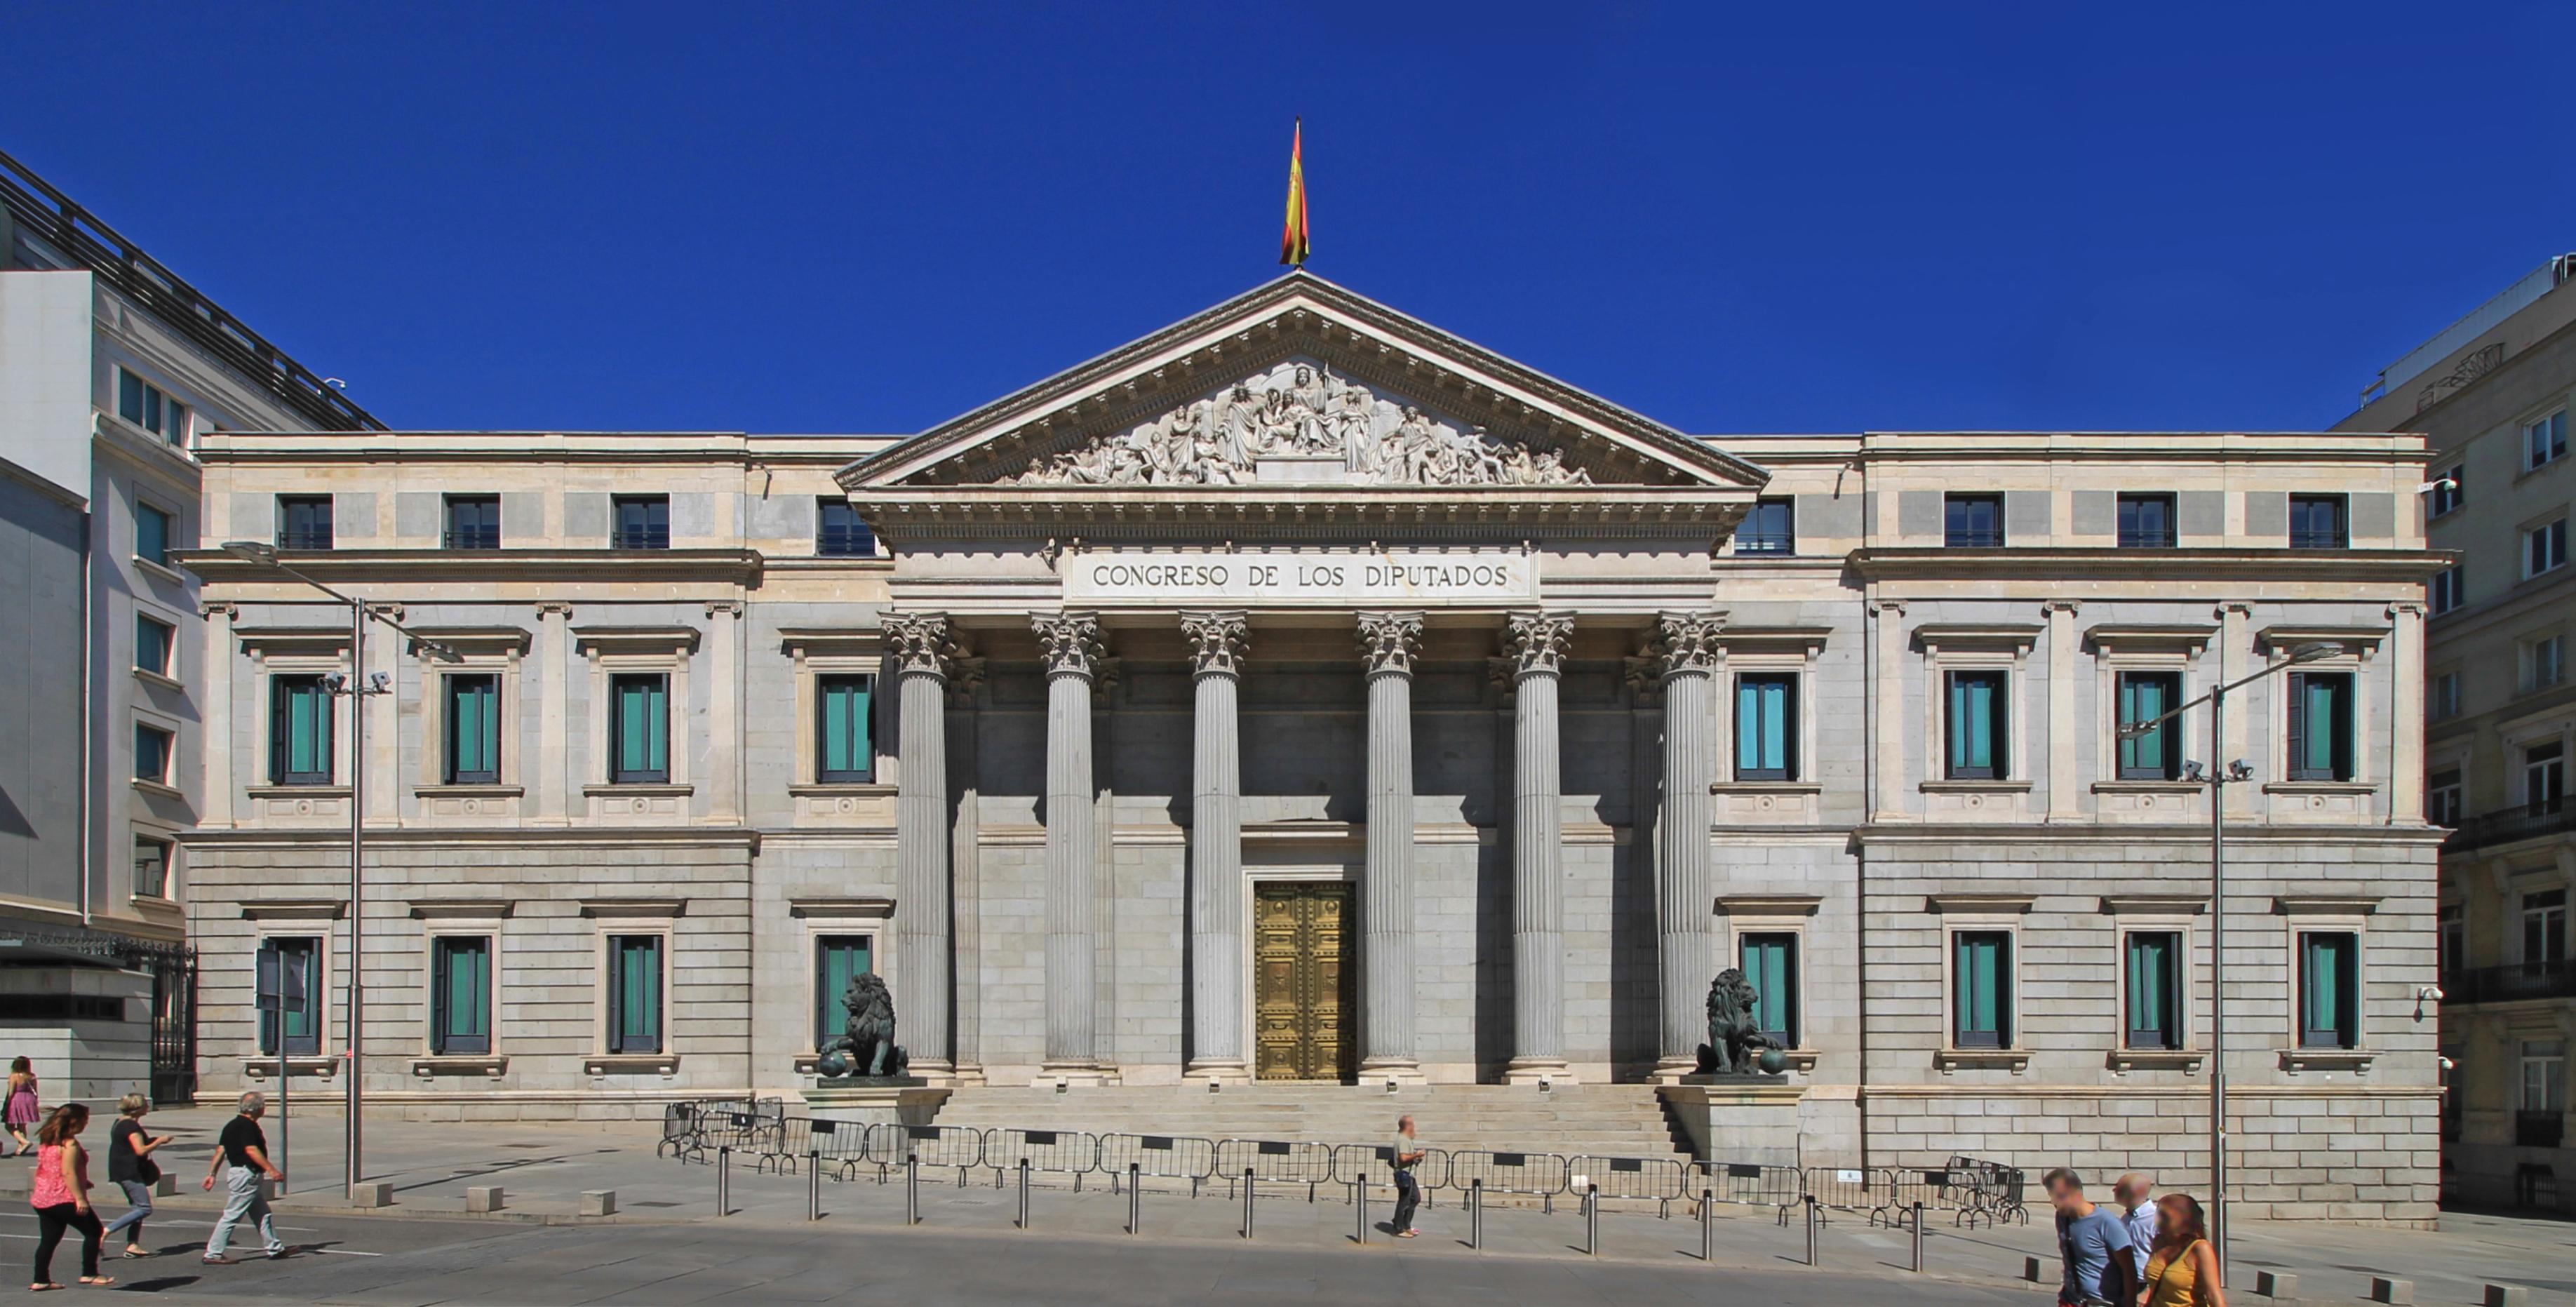 Palacio de las Cortes, Madrid - Wikipedia